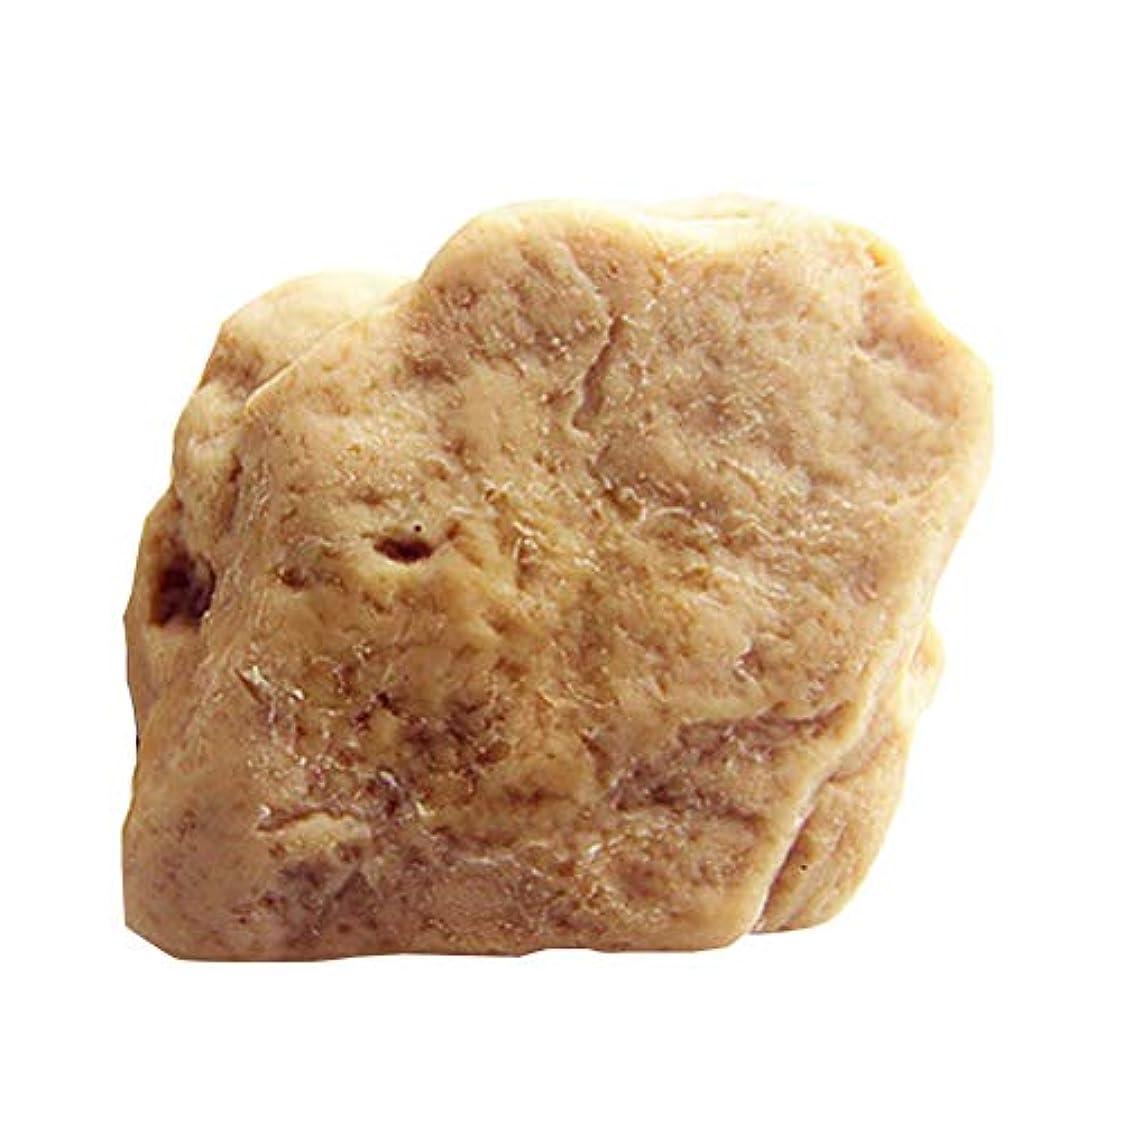 毎年規制神話Creacom オリーブオイル 石鹸 肌に優しい無添加 毛穴 対策 洗顔石鹸 保湿 固形 毛穴 黒ずみ 肌荒れ くすみ ニキビ 美白 美肌 角質除去 肌荒れ 乾燥肌 オイル肌 混合肌 対策 全身可能